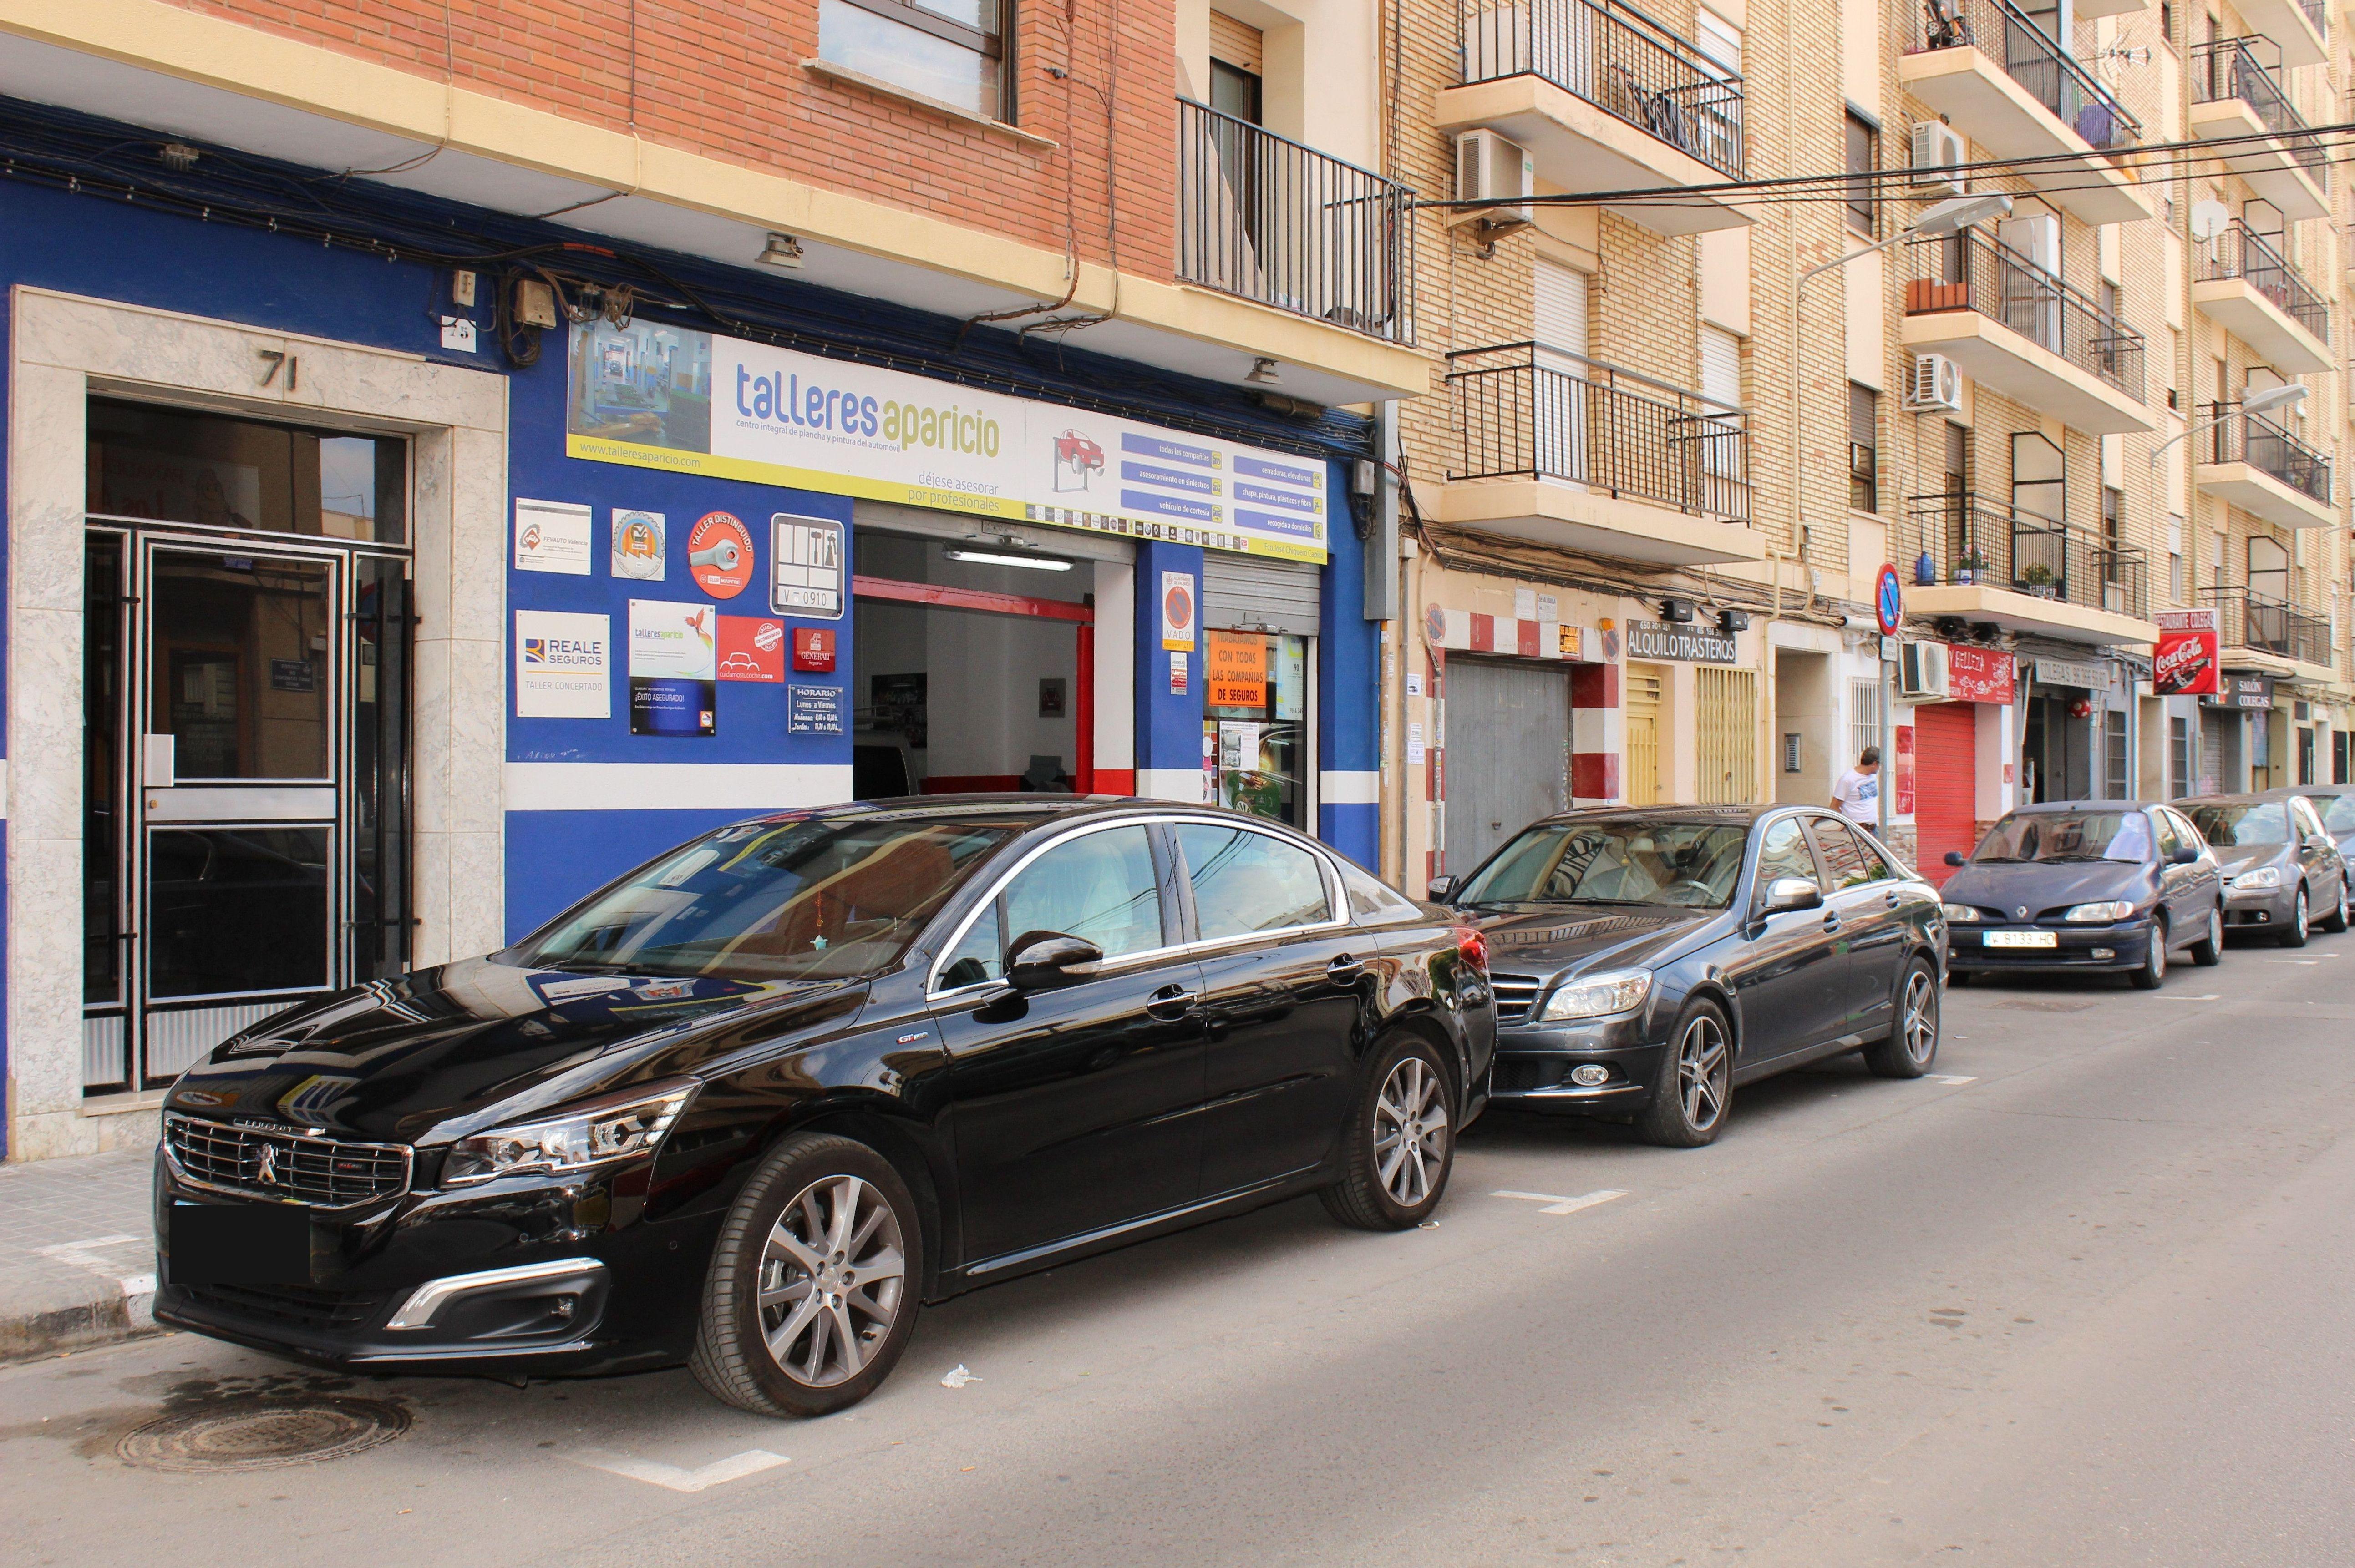 Foto 17 de Talleres de chapa y pintura en Valencia | Talleres Aparicio Autochiquero